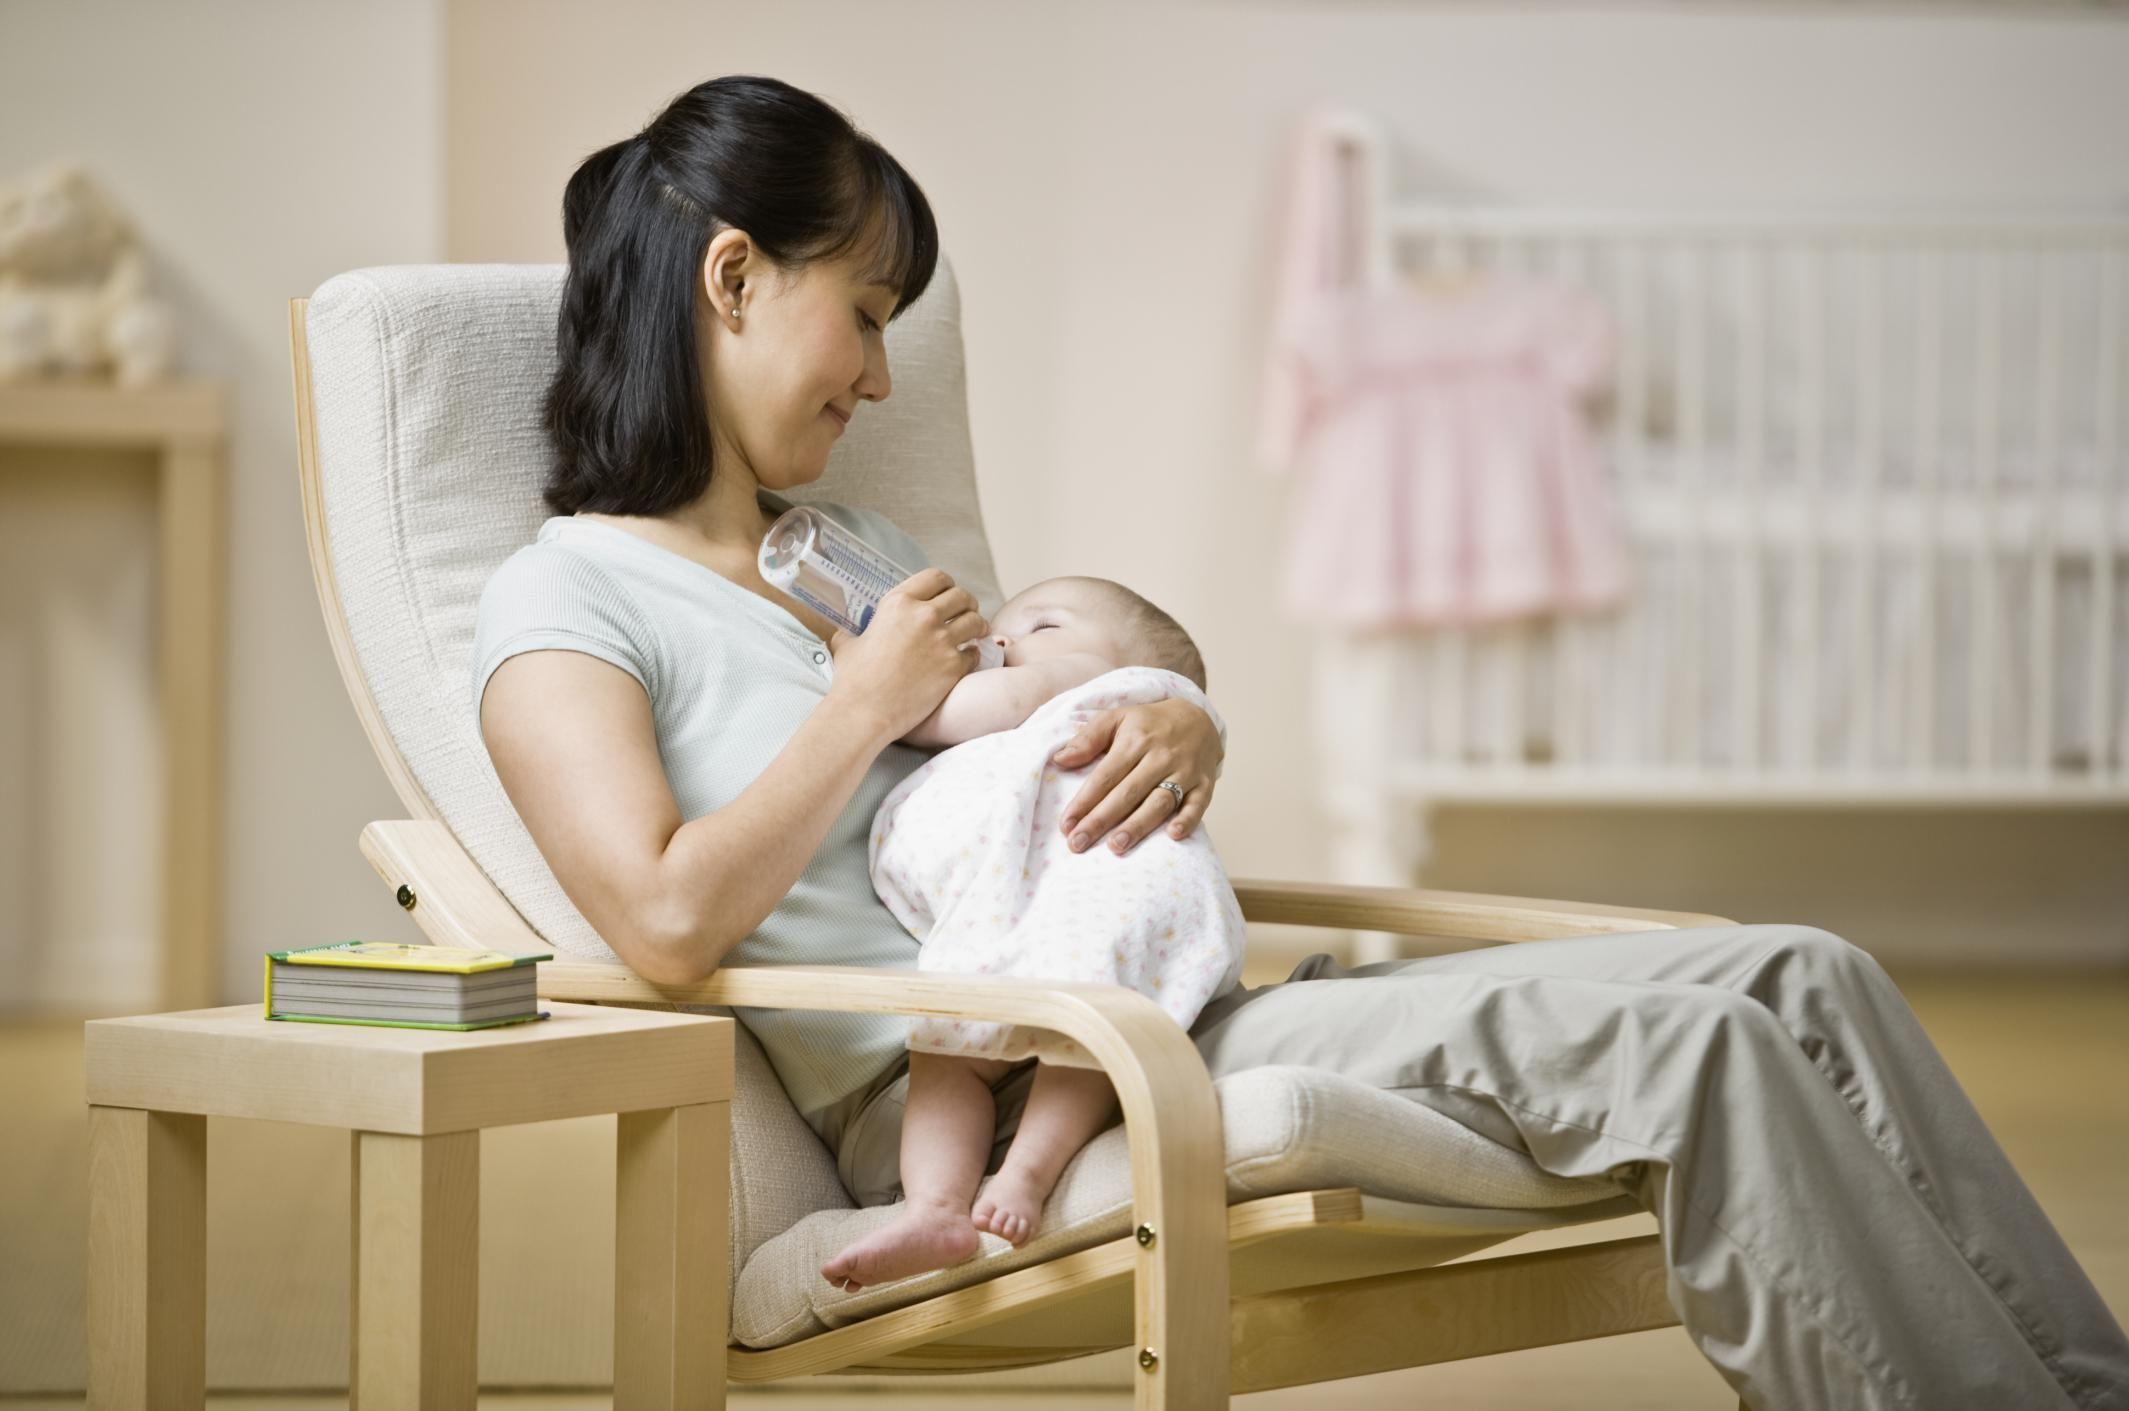 beneficios de sillón de lactancia